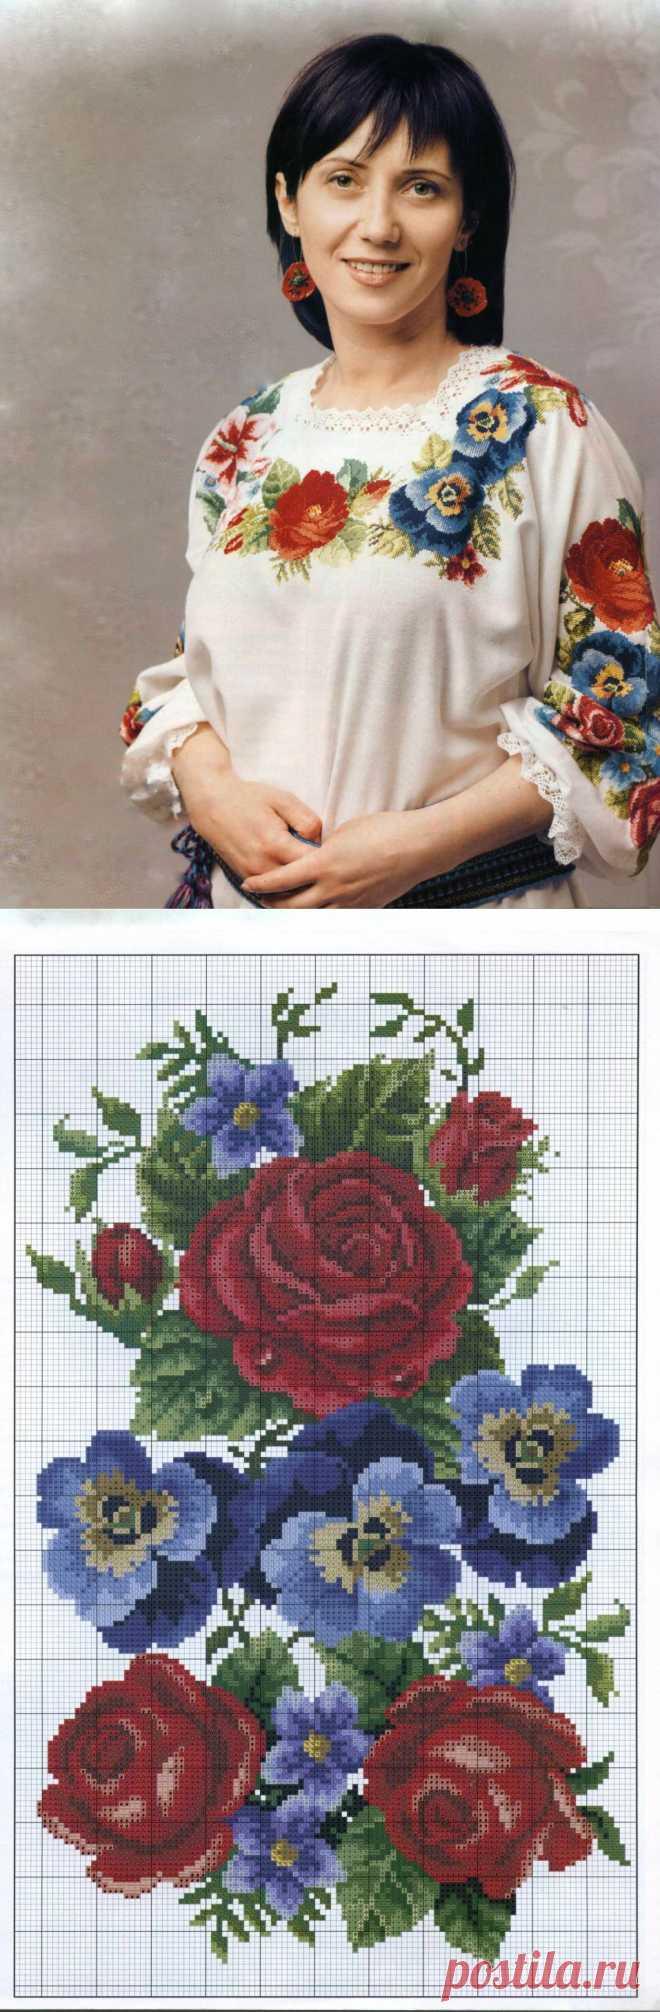 Вышиванка «Квiтуча доля»   Шкатулочка для рукодельниц